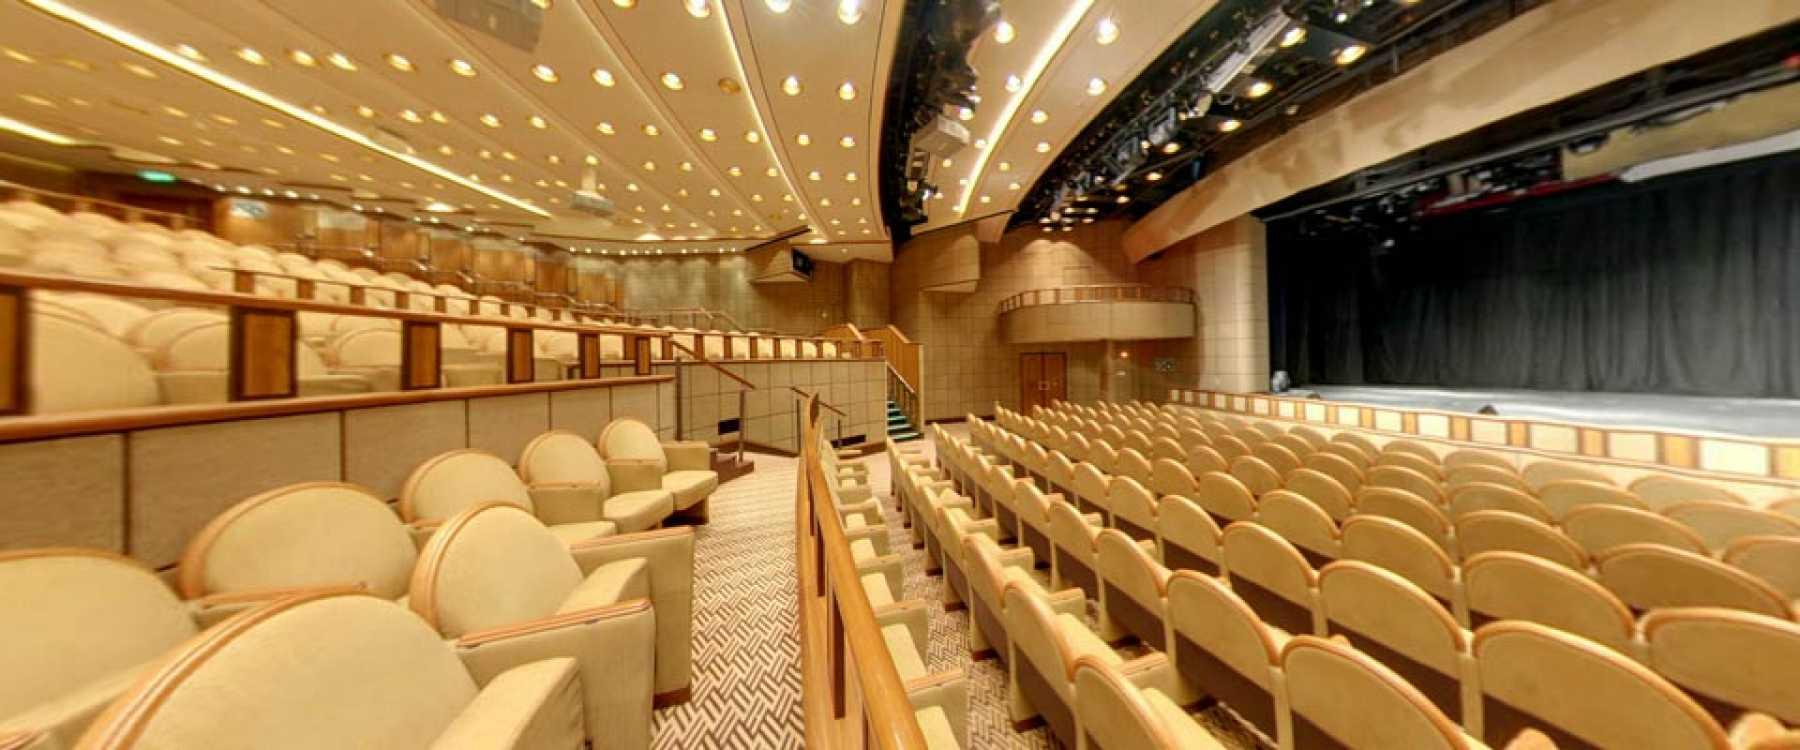 P&O Cruises Ventura Interior Arena Theatre.jpg